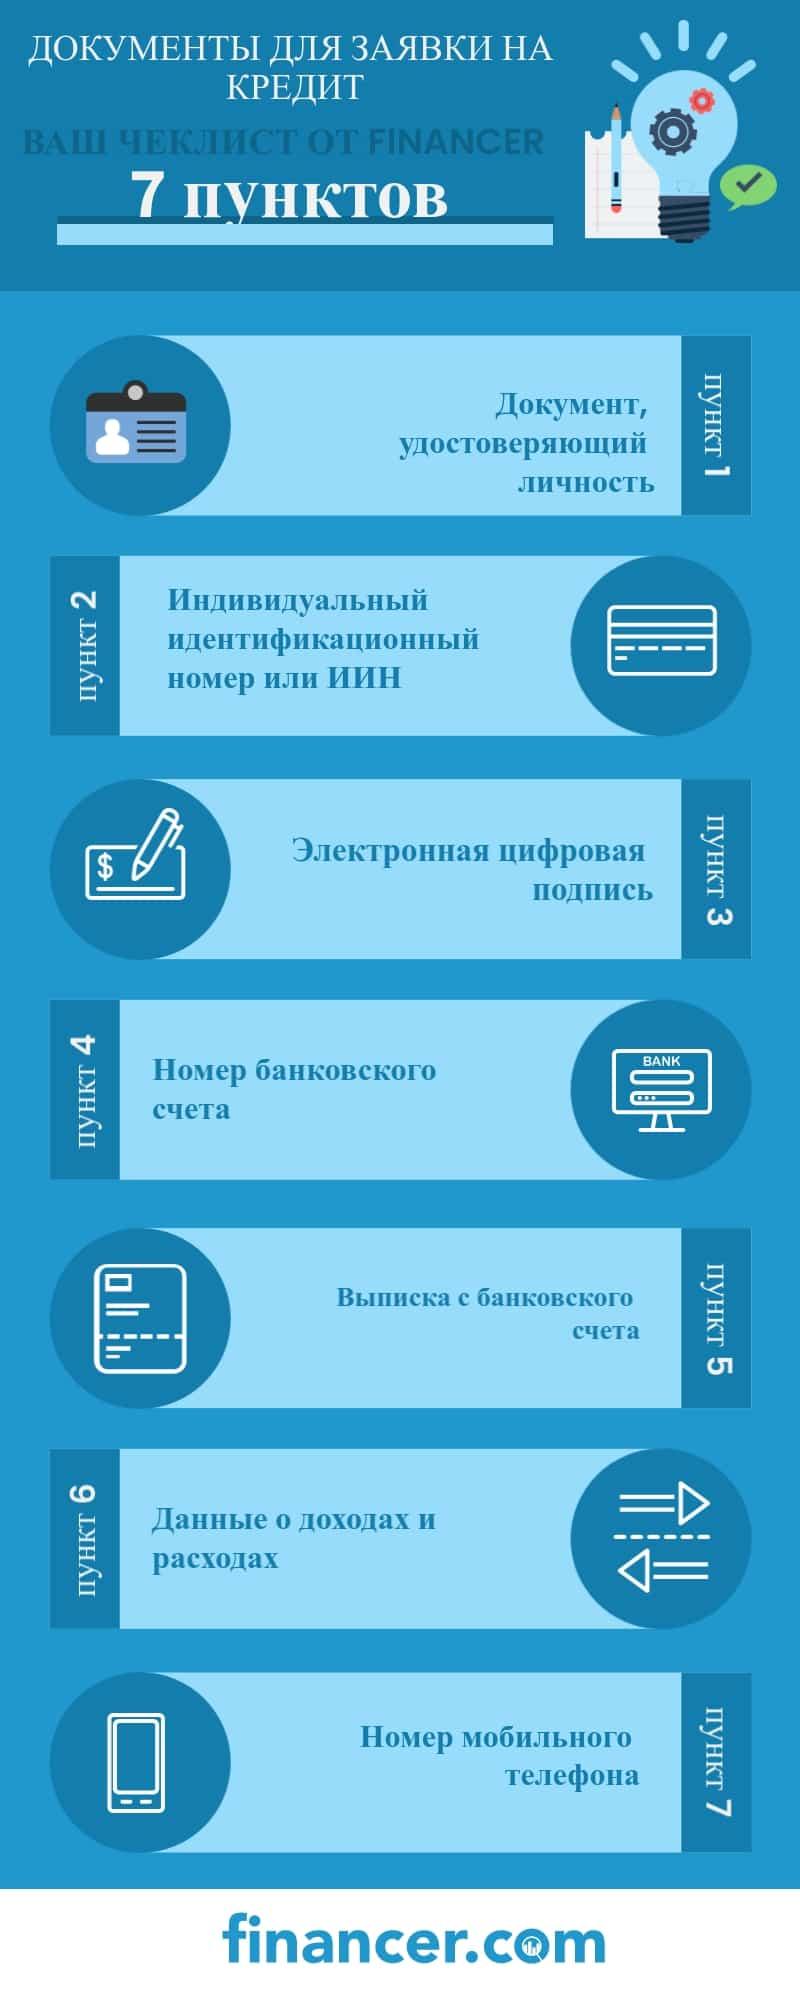 Документы, которые нужны для подачи заявки на кредит